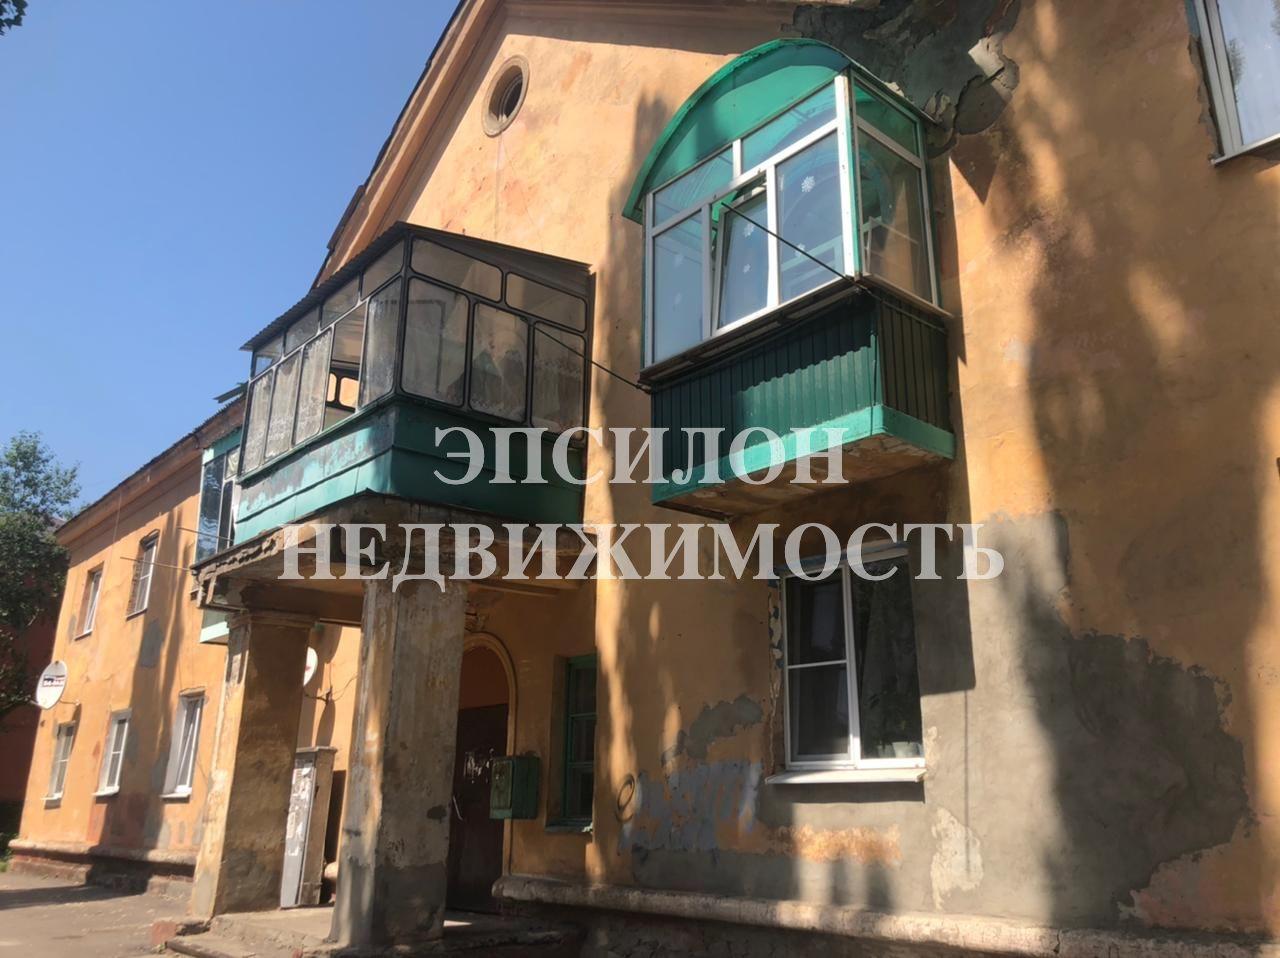 Продам 1 комнат[у,ы] в городе Курск, на улице Резиновая, 2-этаж 2-этажного Кирпич дома, площадь: 16/16/0 м2